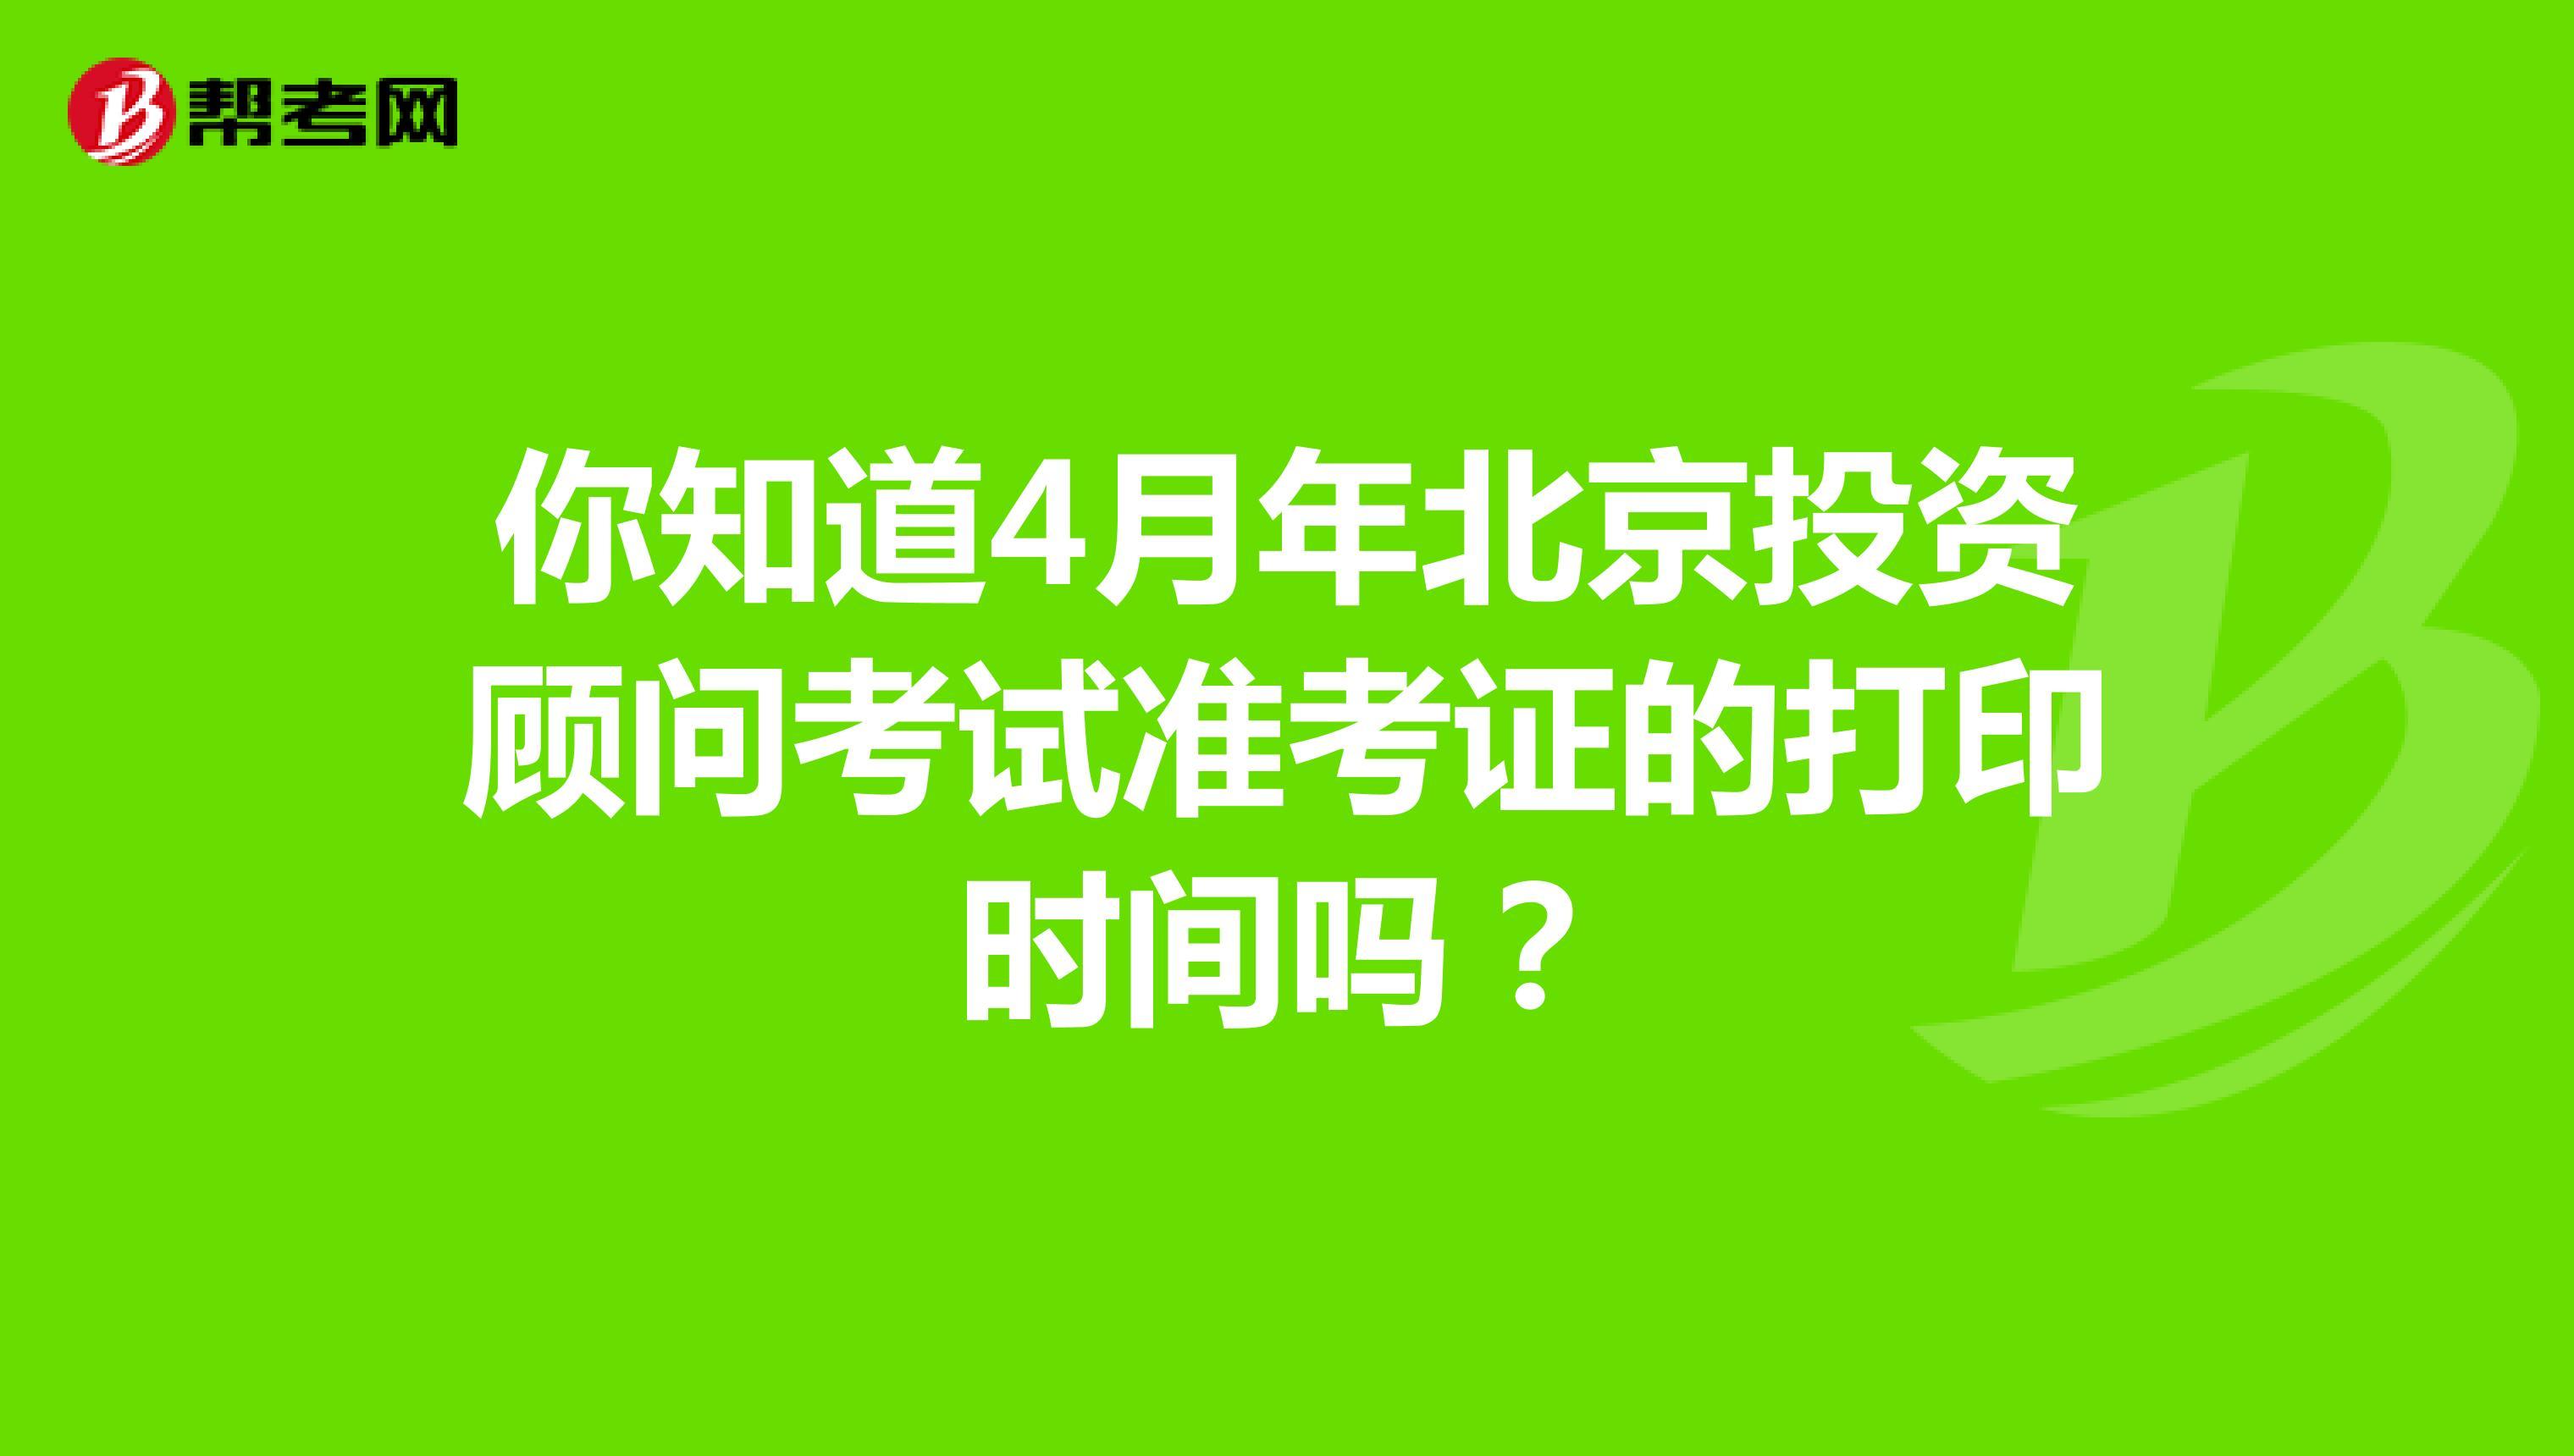 你知道7月年北京投资顾问考试准考证的打印时间吗?